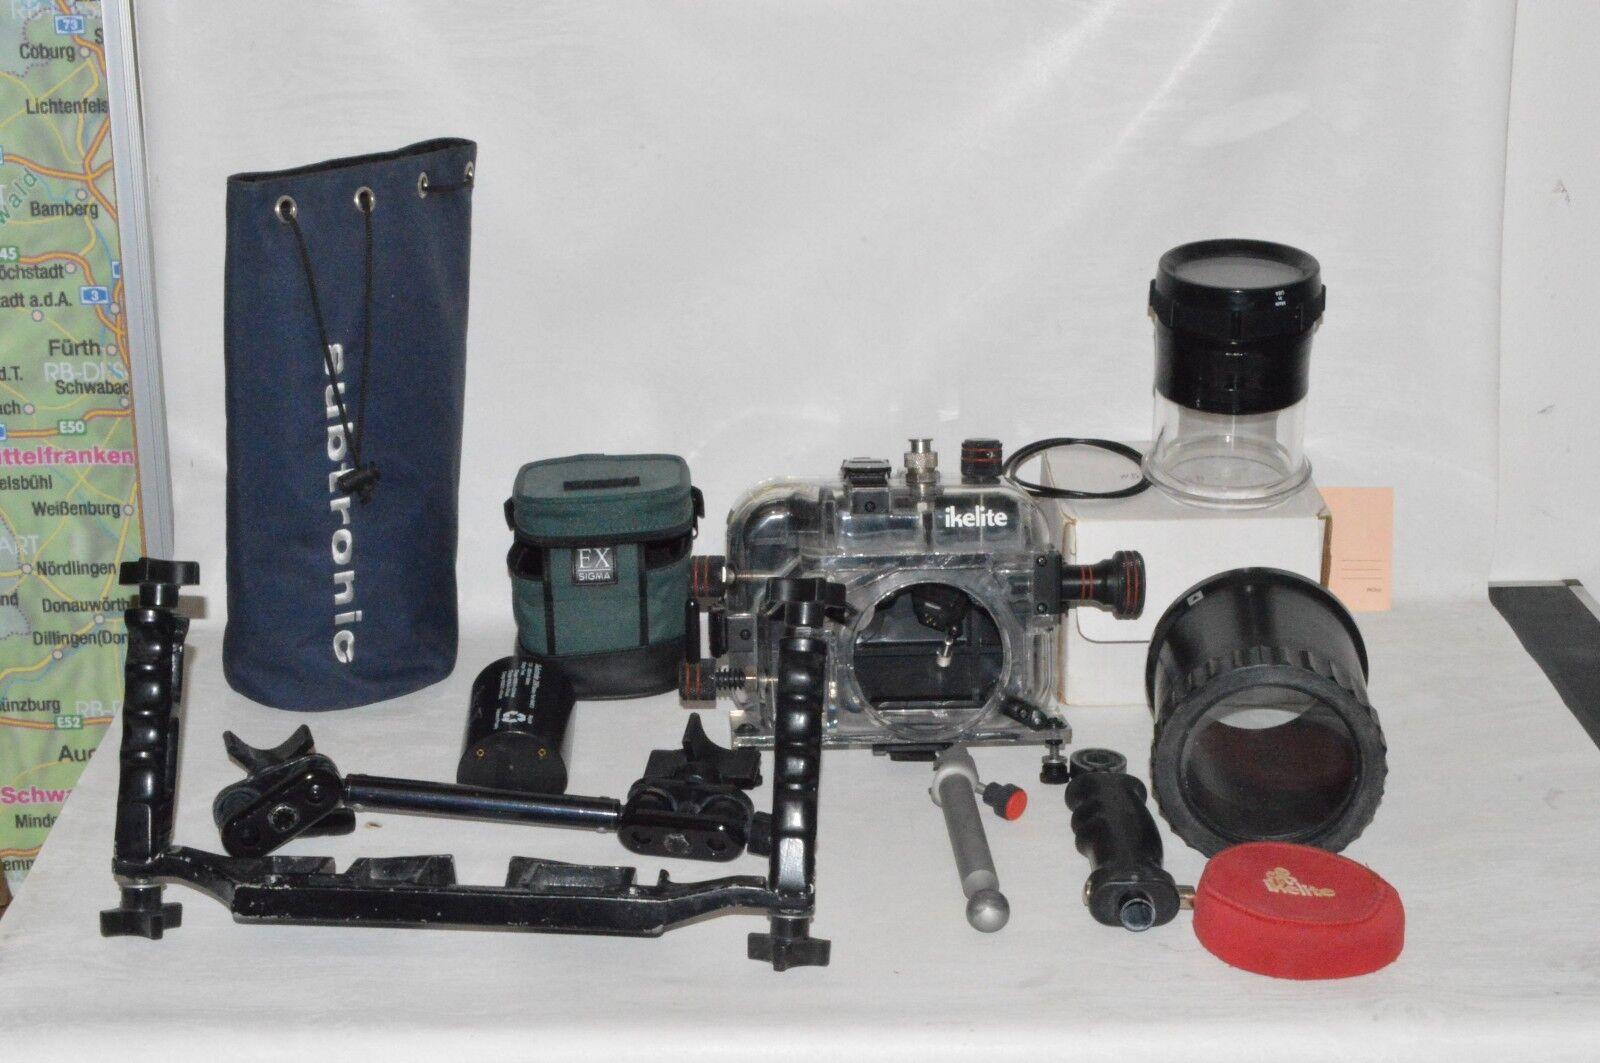 Unterwassergehäuse Unterwassergehäuse Unterwassergehäuse Ikelite  SLR Ersatzteile Zubehör  h1 ba433a